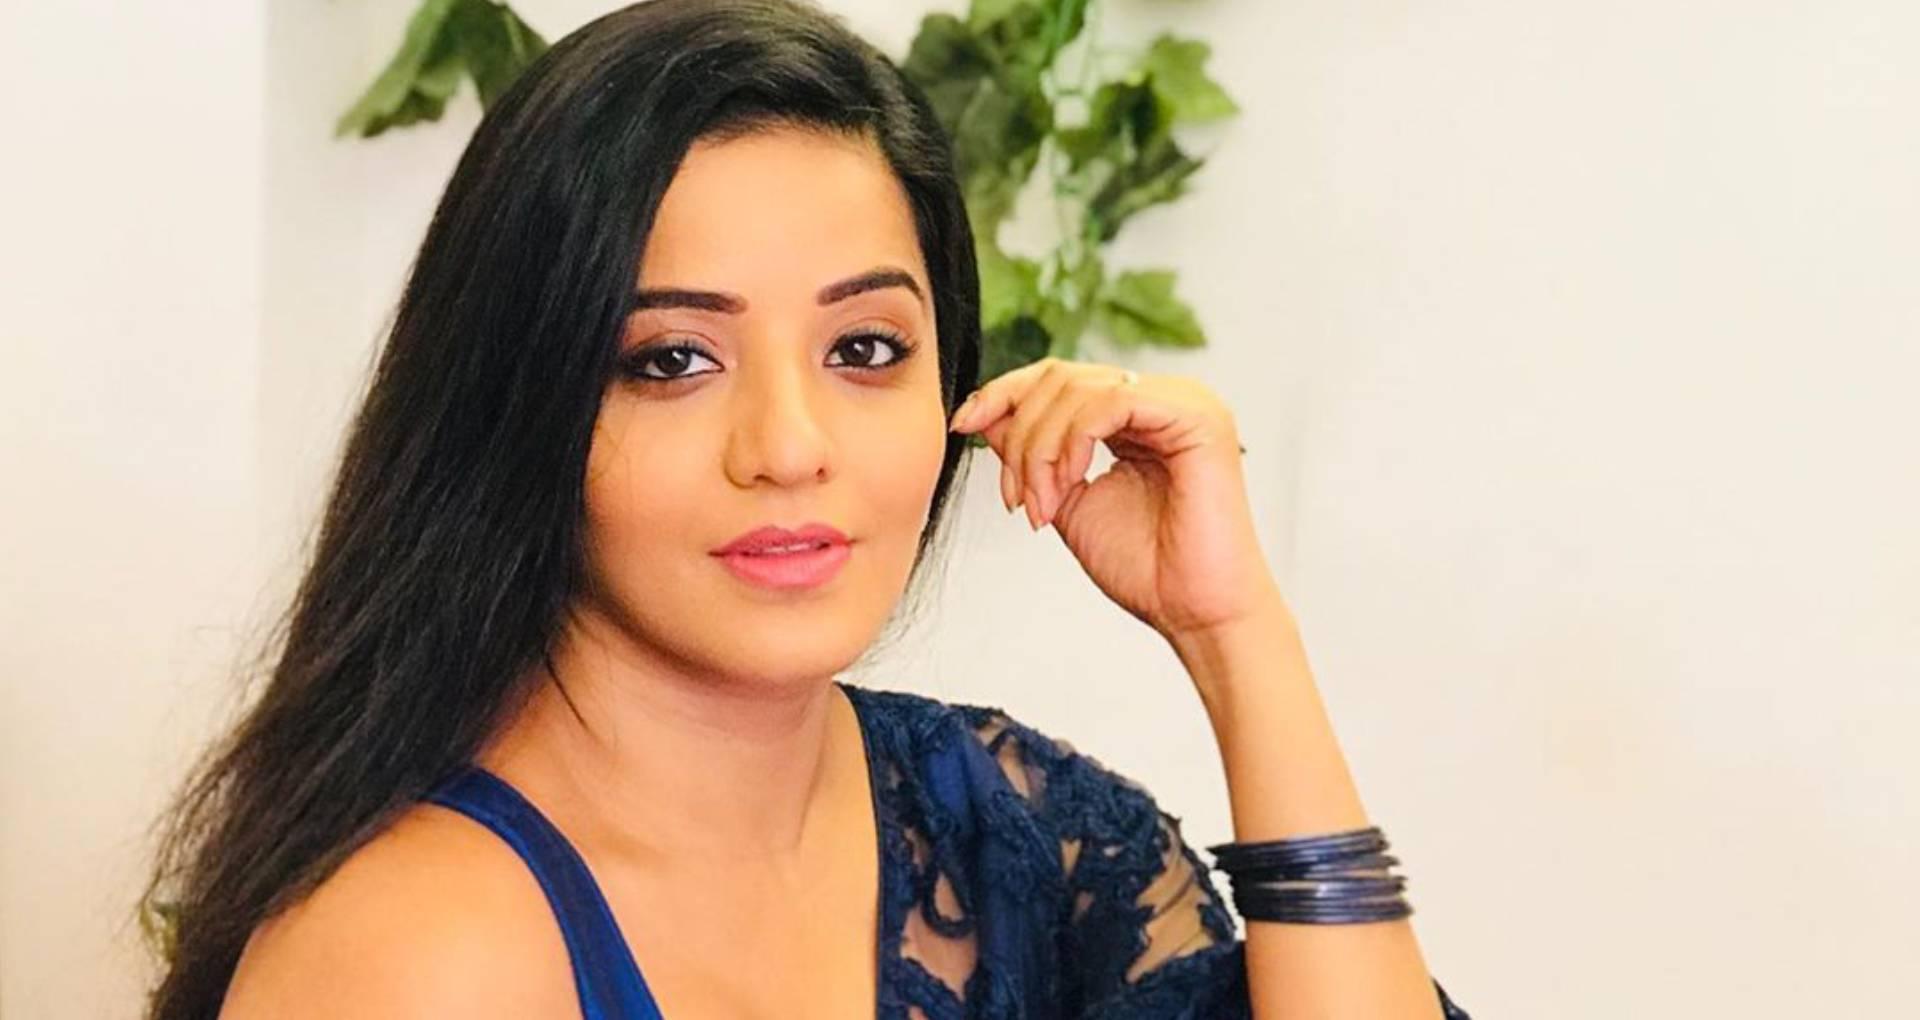 भोजपुरी एक्ट्रेस मोनालिसा का नया वीडियो सोशल मीडिया पर मचा रहा हैं तहलका, आप भी देखें अभी!